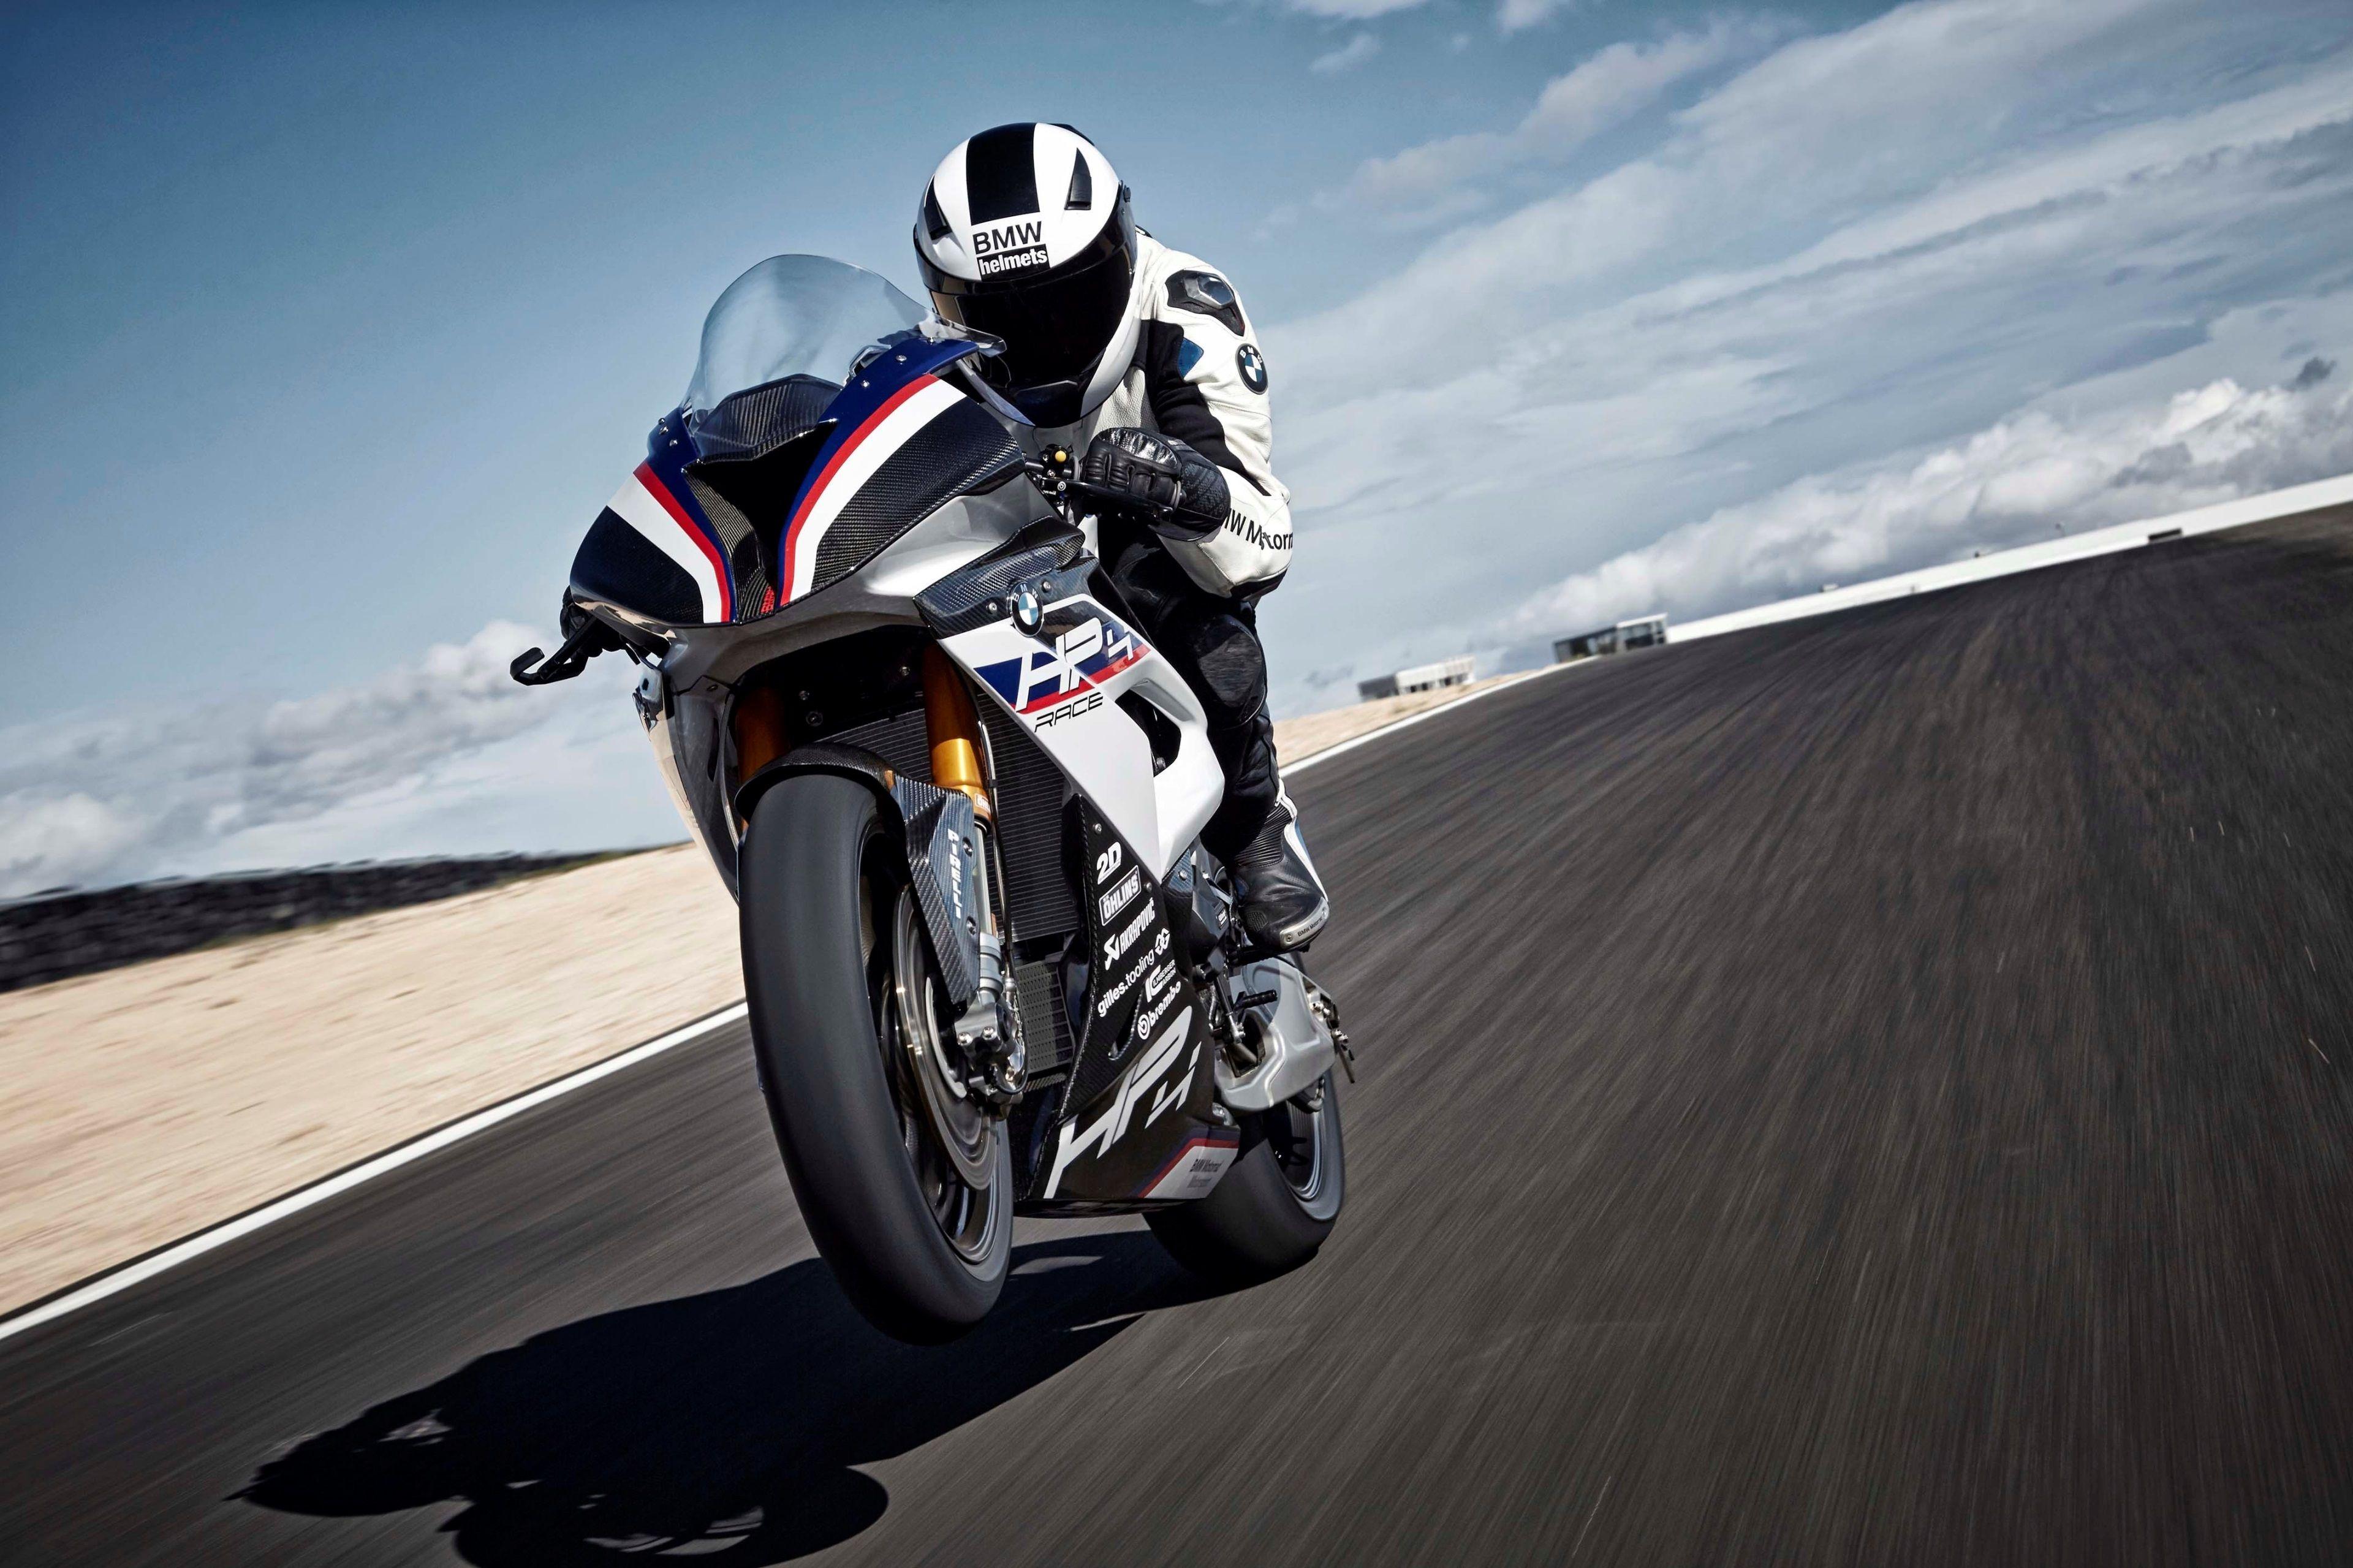 3840x2559 Bmw Hp4 Race 4k Hd Image Wallpaper Free Download Bmw Bmw Motorcycle Bmw S1000rr